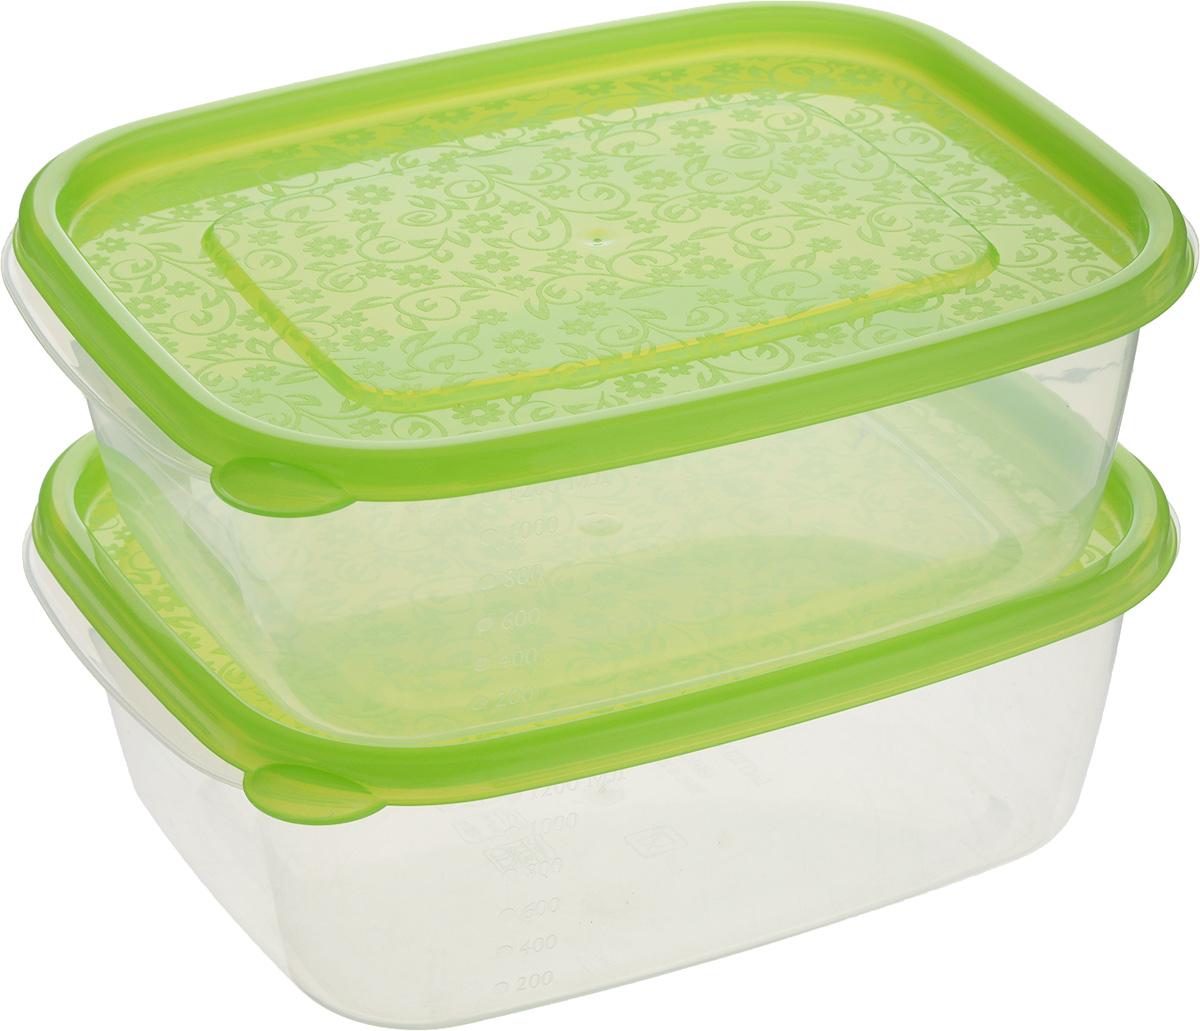 Контейнер пищевой Бытпласт Арт-Декор, цвет: салатовый, прозрачный, 1,25 л, 2 штС11543_салатовый, прозрачныйКонтейнер Бытпласт Арт-Декор предназначен для хранения пищевых продуктов. Он выполнениз высококачественного полипропилена. Крышка легко и плотно закрывается. Контейнер устойчив к воздействию масел и жиров, легко моется. Подходит для использования в микроволновых печах, выдерживает хранение в морозильной камере при температуре -24 градуса.Пищевой контейнер Бытпласт Арт-Декор необыкновенно удобен, ведь в нем можно брать еду на работу, за город, ребенку в школу. В комплект входят 2 контейнера.